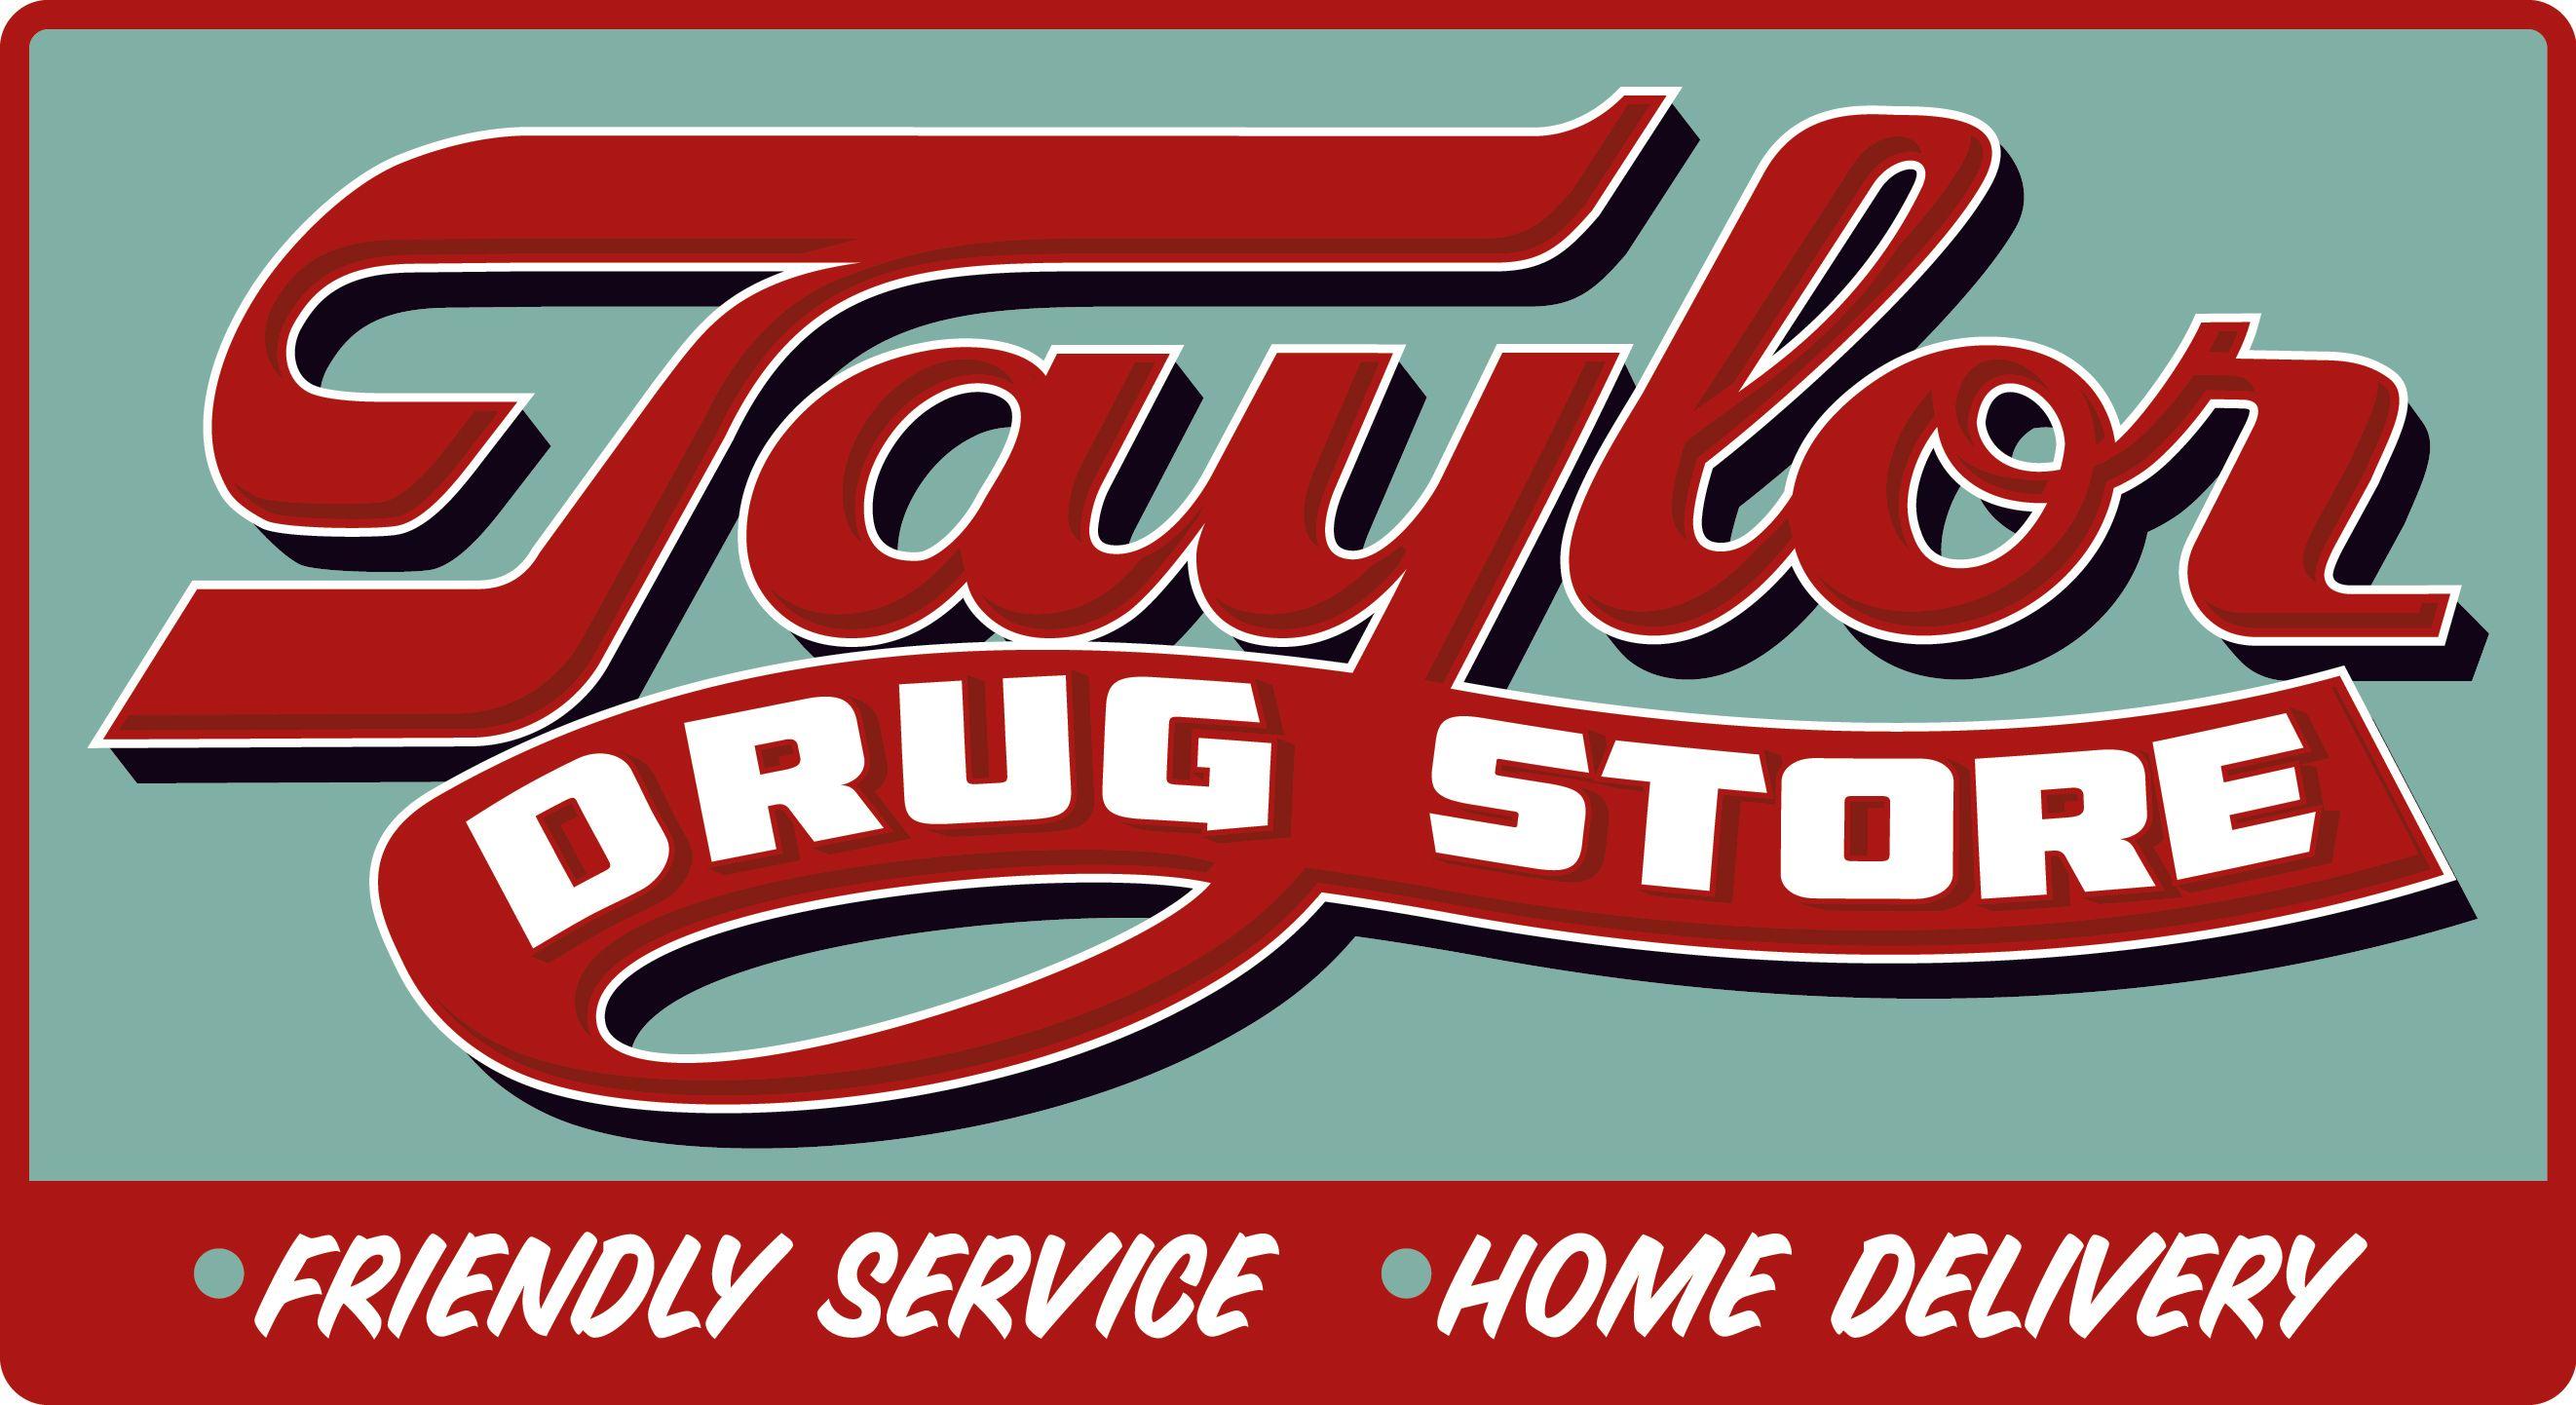 Taylor Drug Store